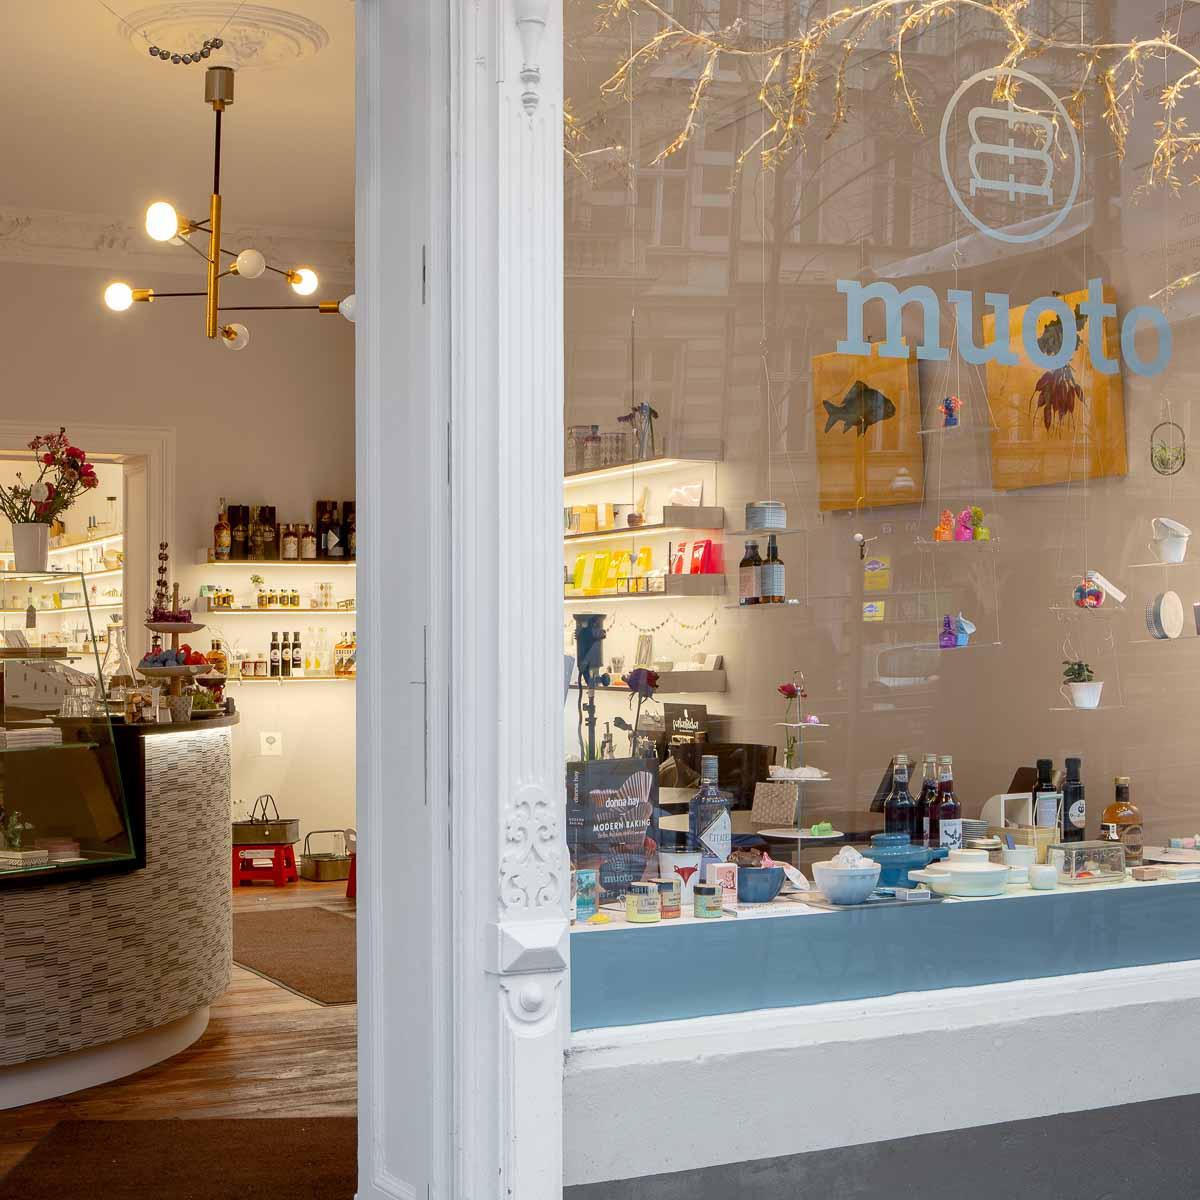 Muoto Café Concept Store und Schokoladen in Kreuzberg-12